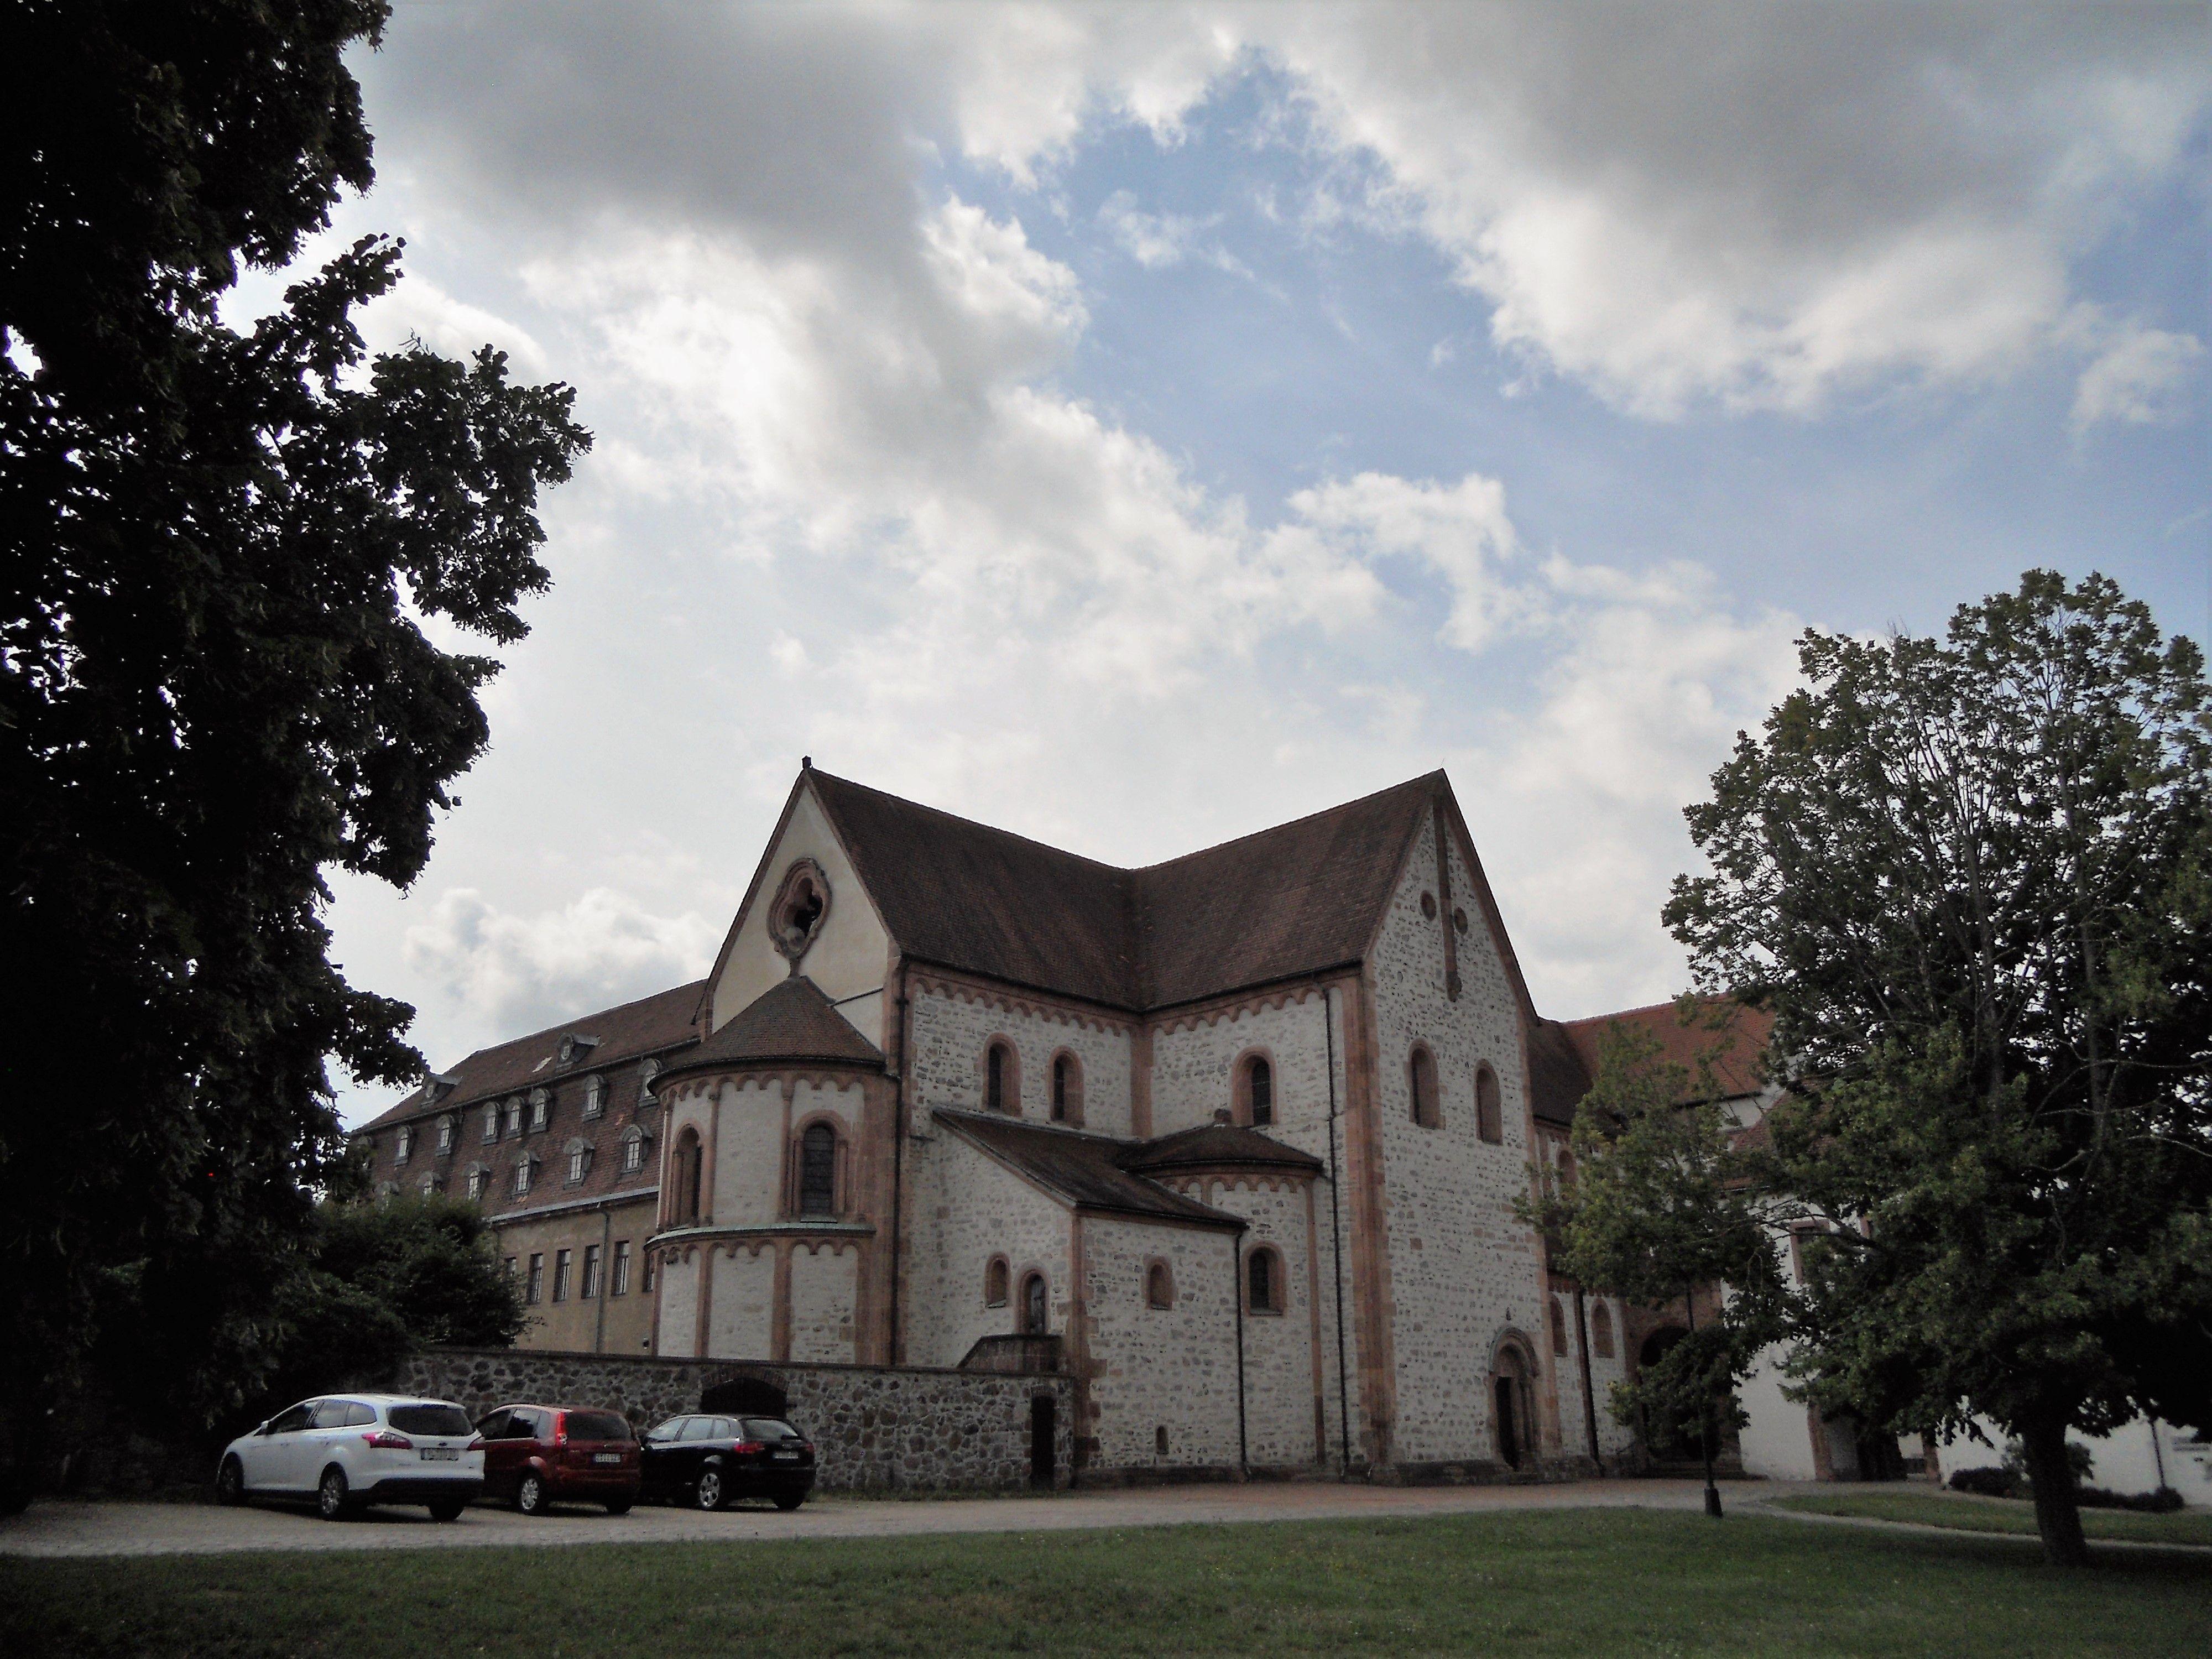 Wechselburg Englischer Landschaftspark Burg Romanisch